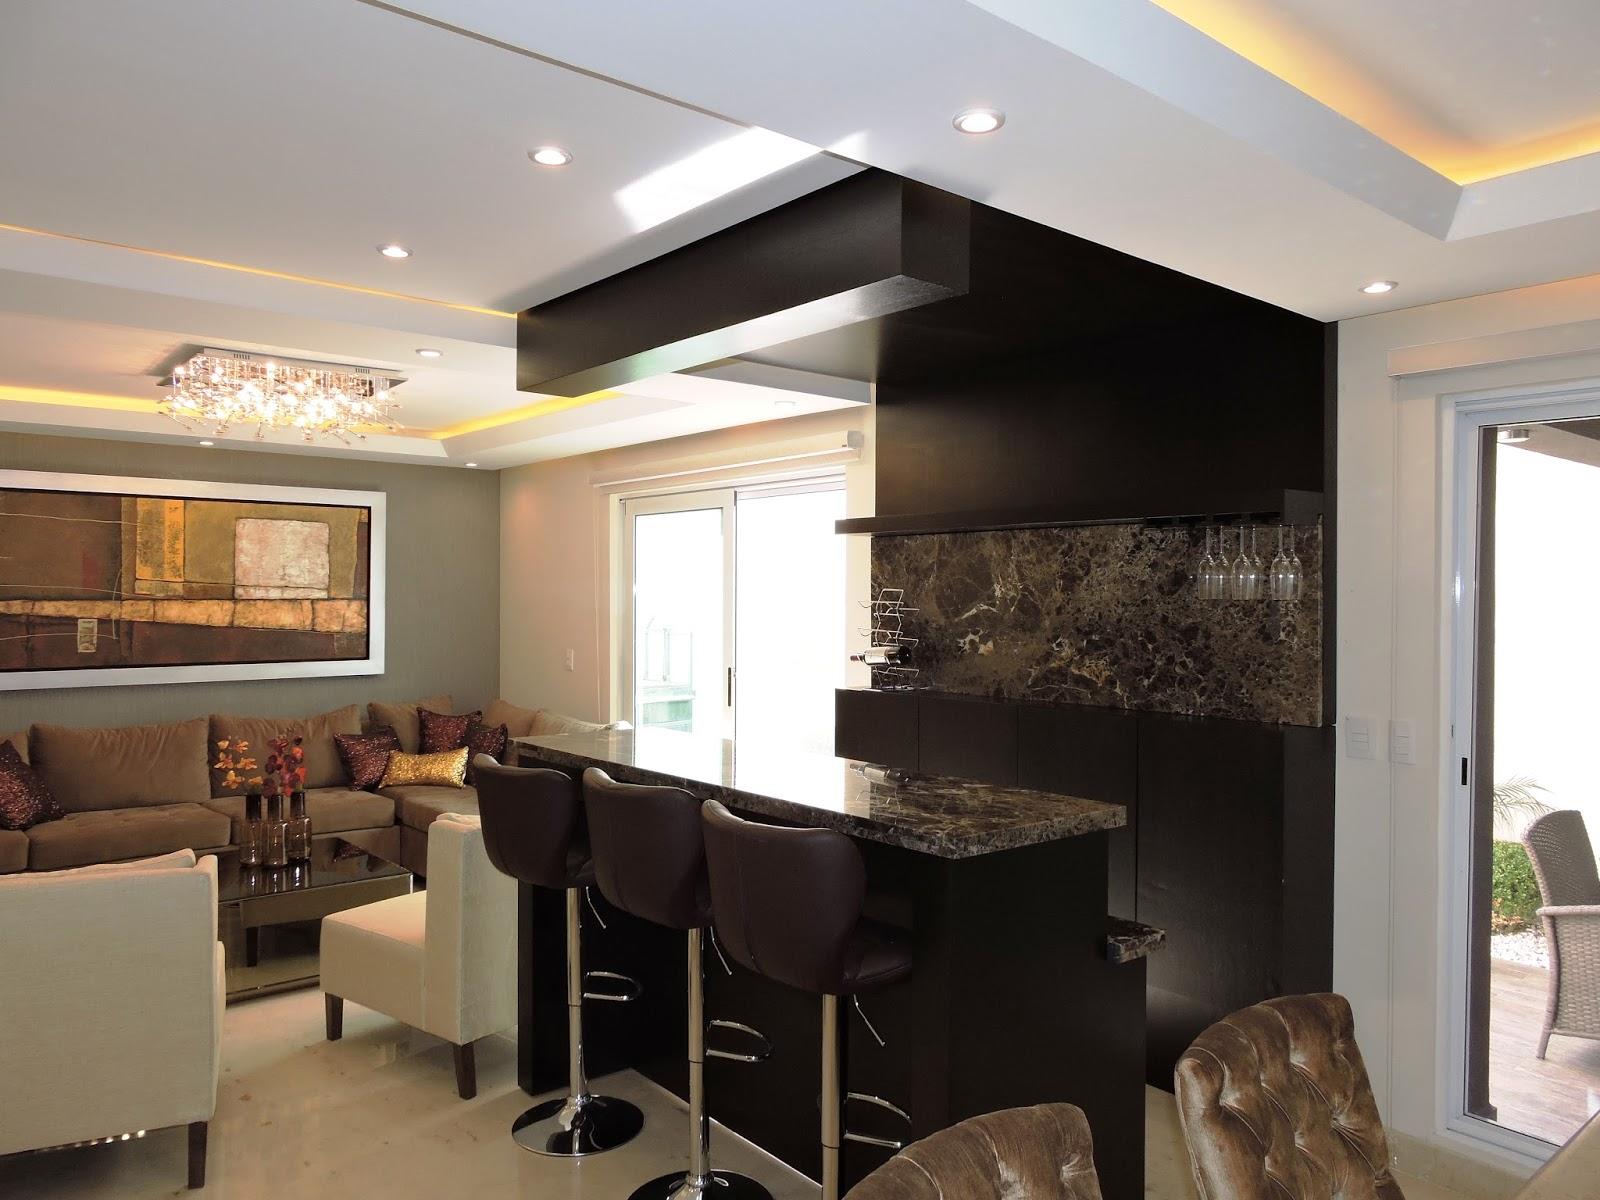 Arquitectura martin abel julio 2015 for Plafones exterior iluminacion